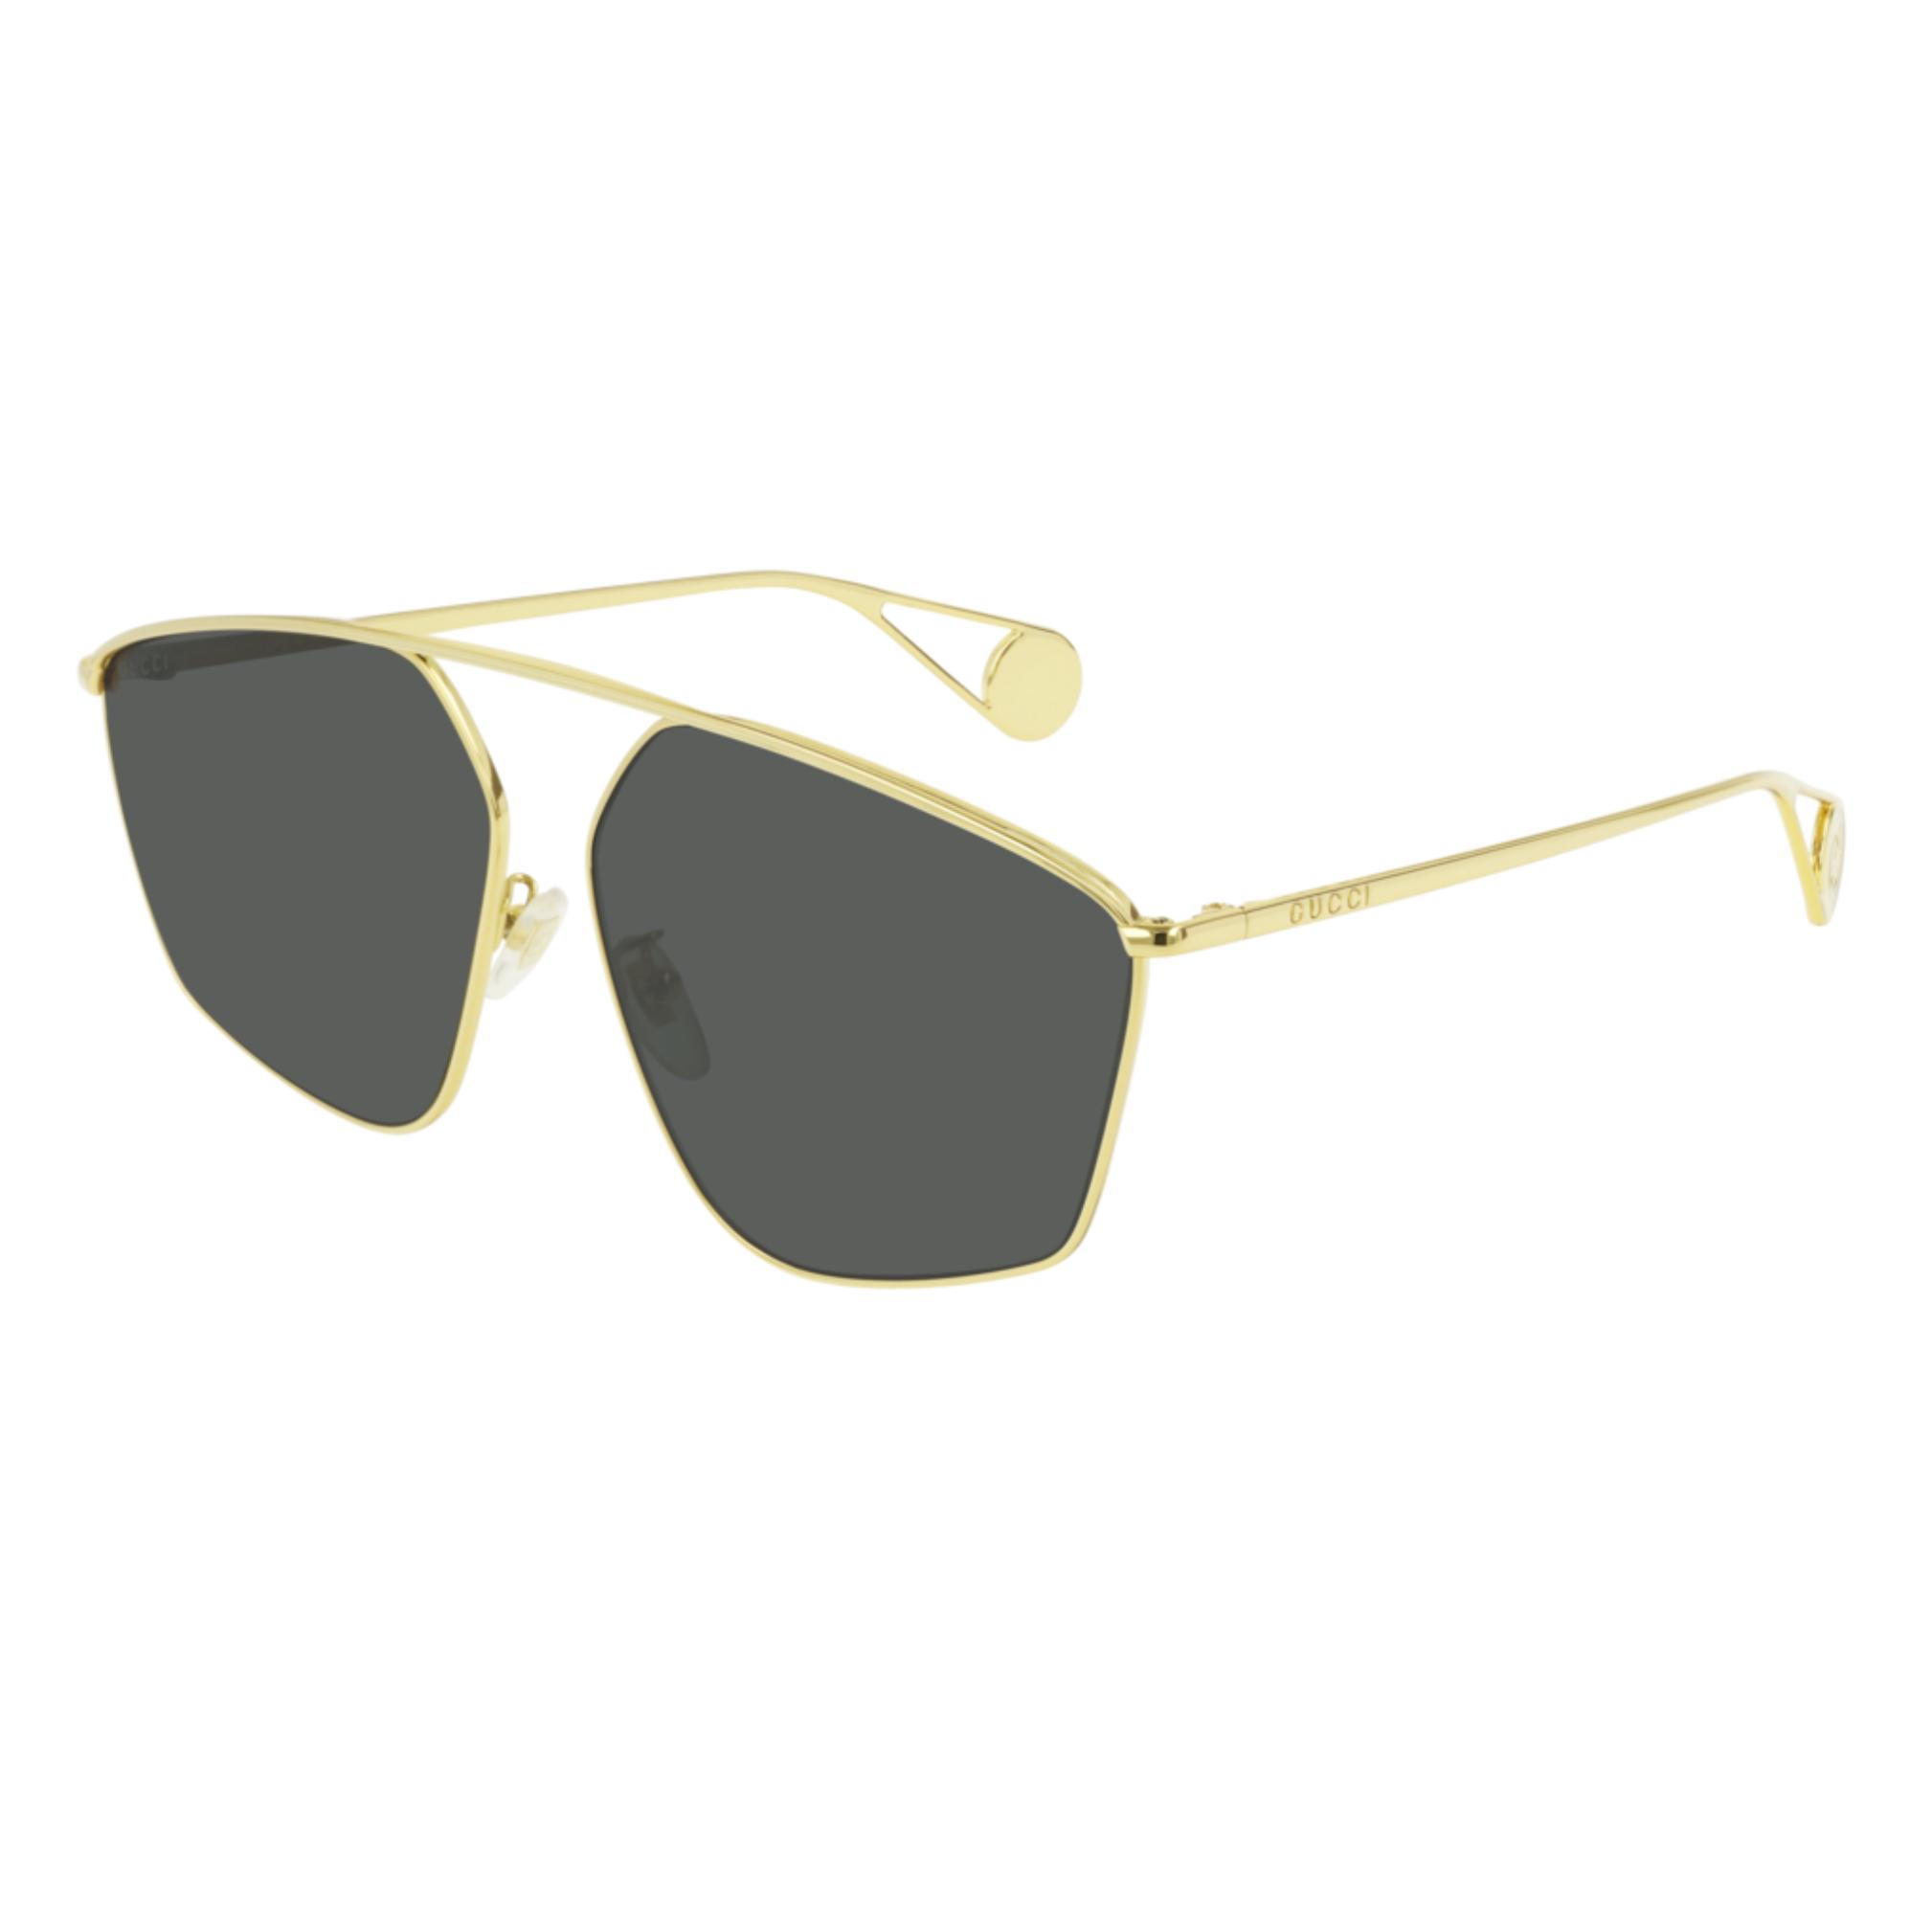 41285ad20a5 Shop Gucci GG0437SA zonnebril unisex - Optiek Lammerant Deinze